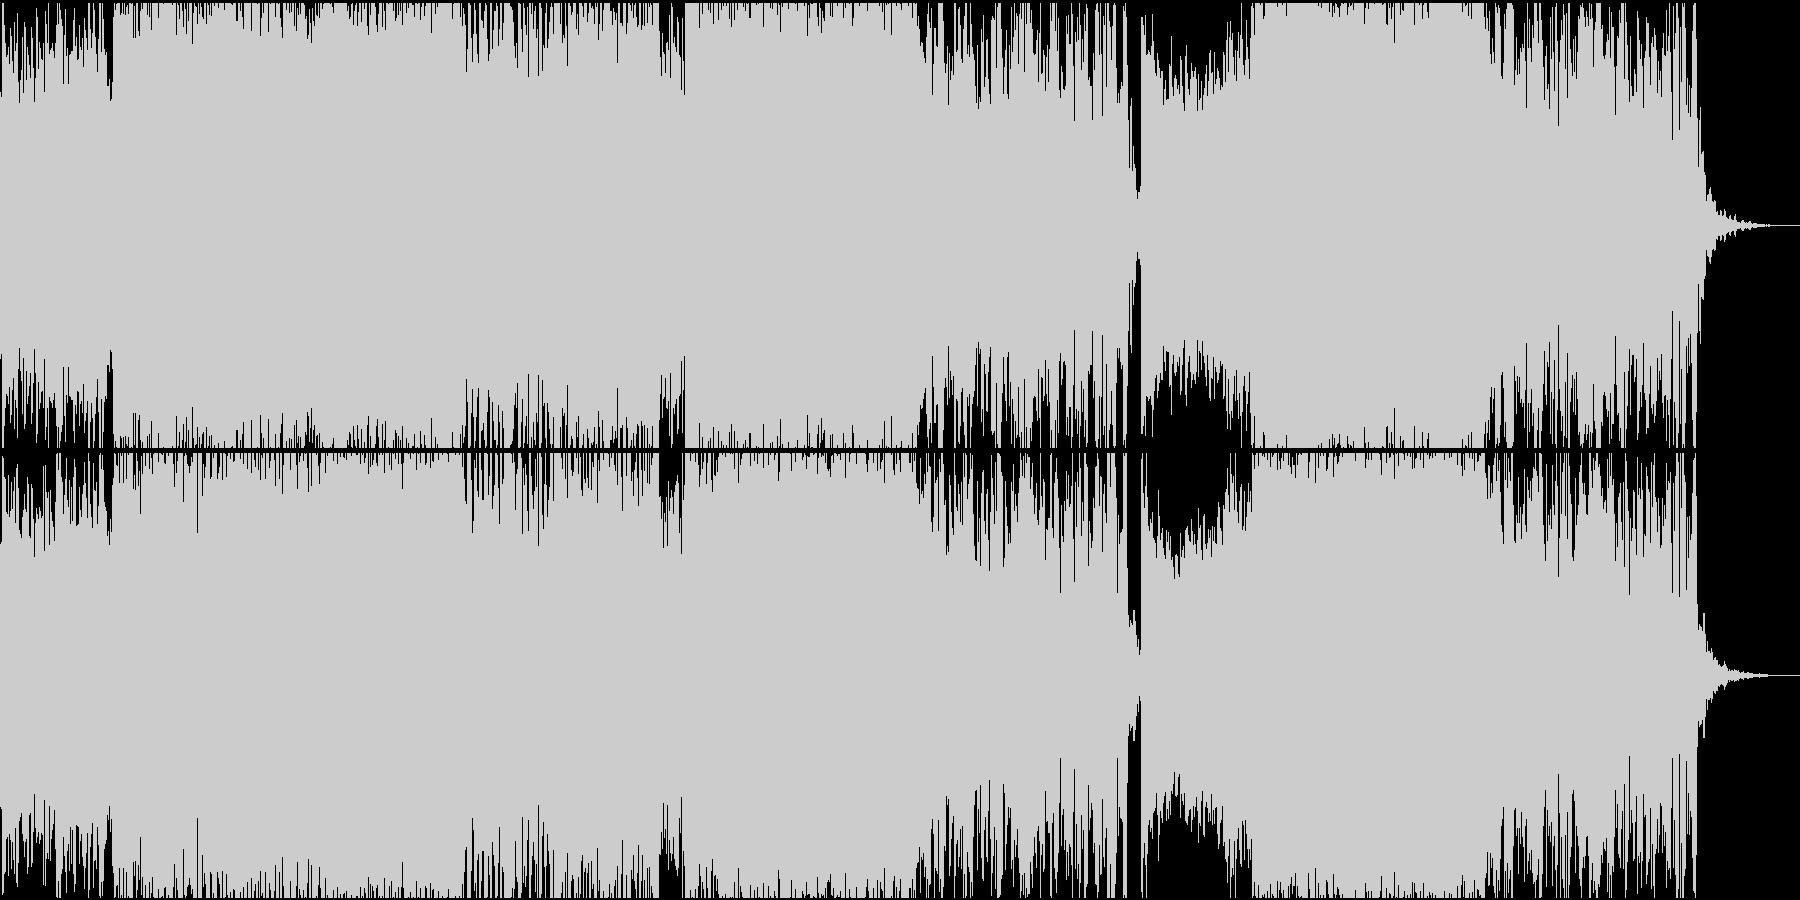 途中変拍子展開のあるトランスバトル曲の未再生の波形